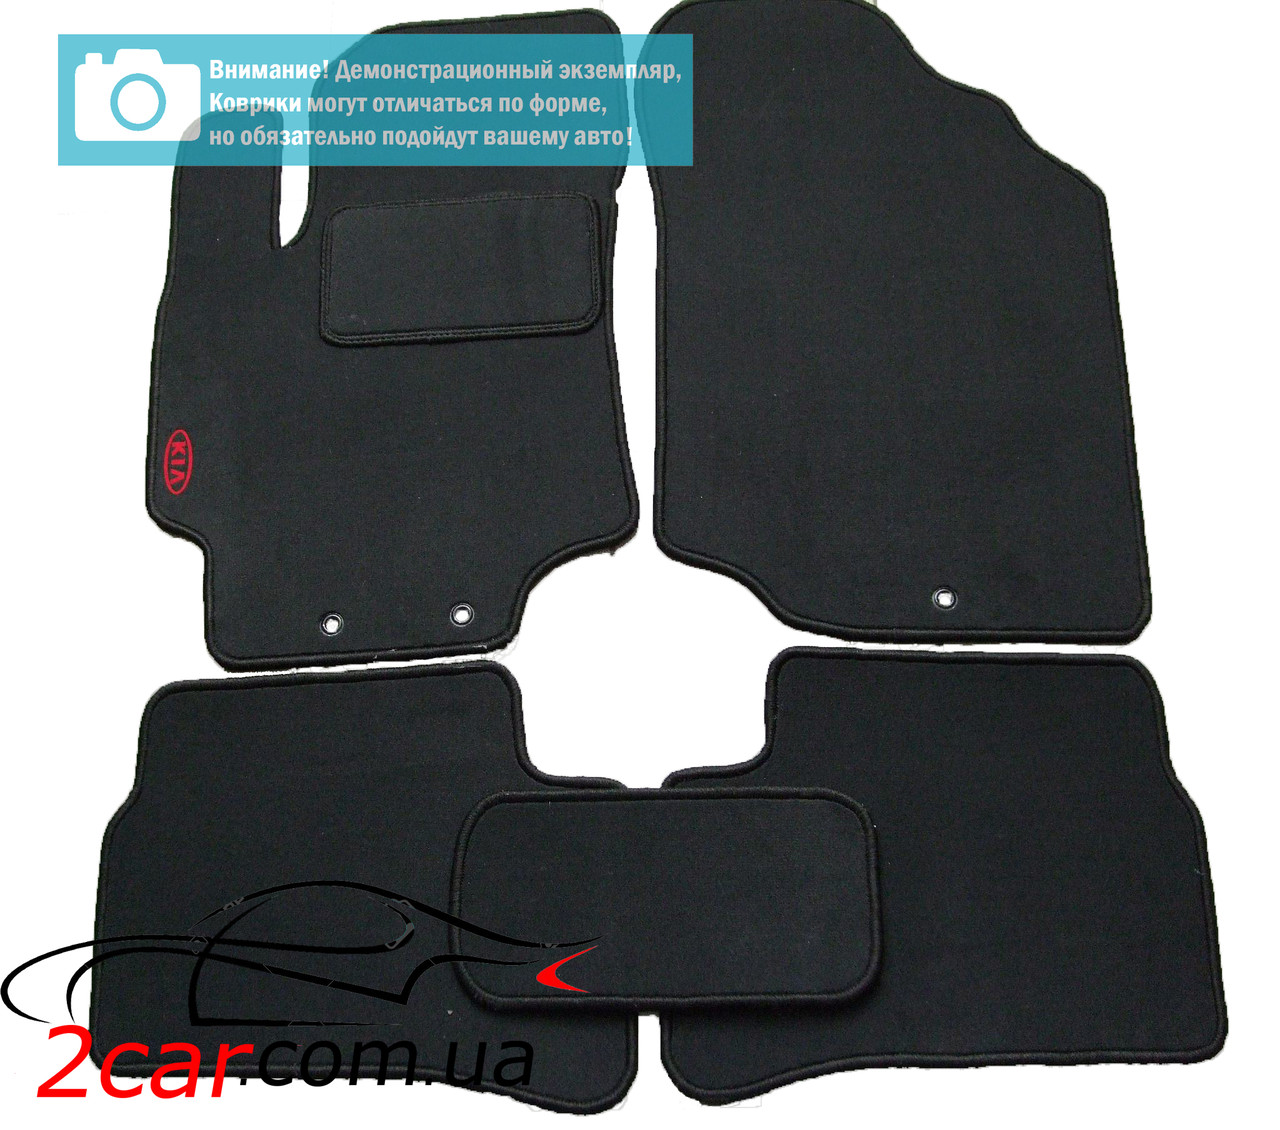 Текстильные коврики в салон для Nissan Primera P10 (1990-1996) (чёрный